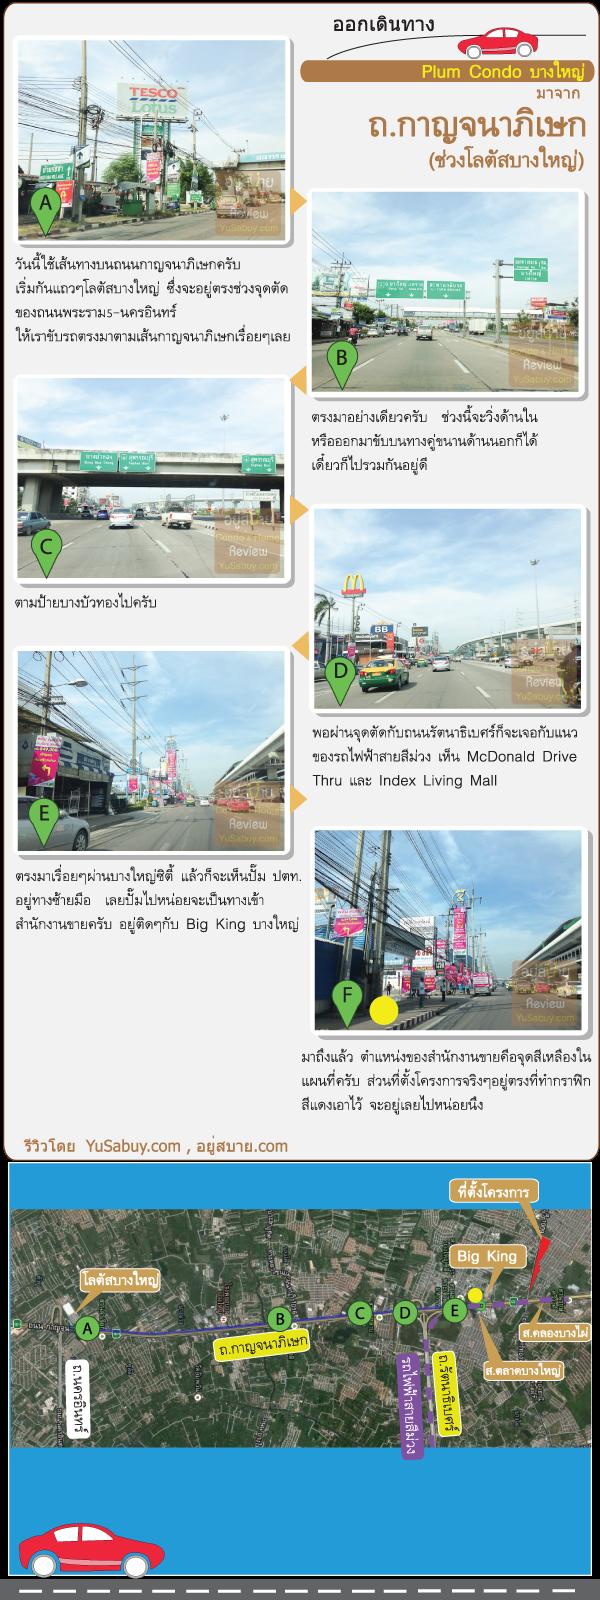 แผนที่และการเดินทางไปคอนโด Plum Condo Bangyai Station (พลัมคอนโด บางใหญ่สเตชั่น)